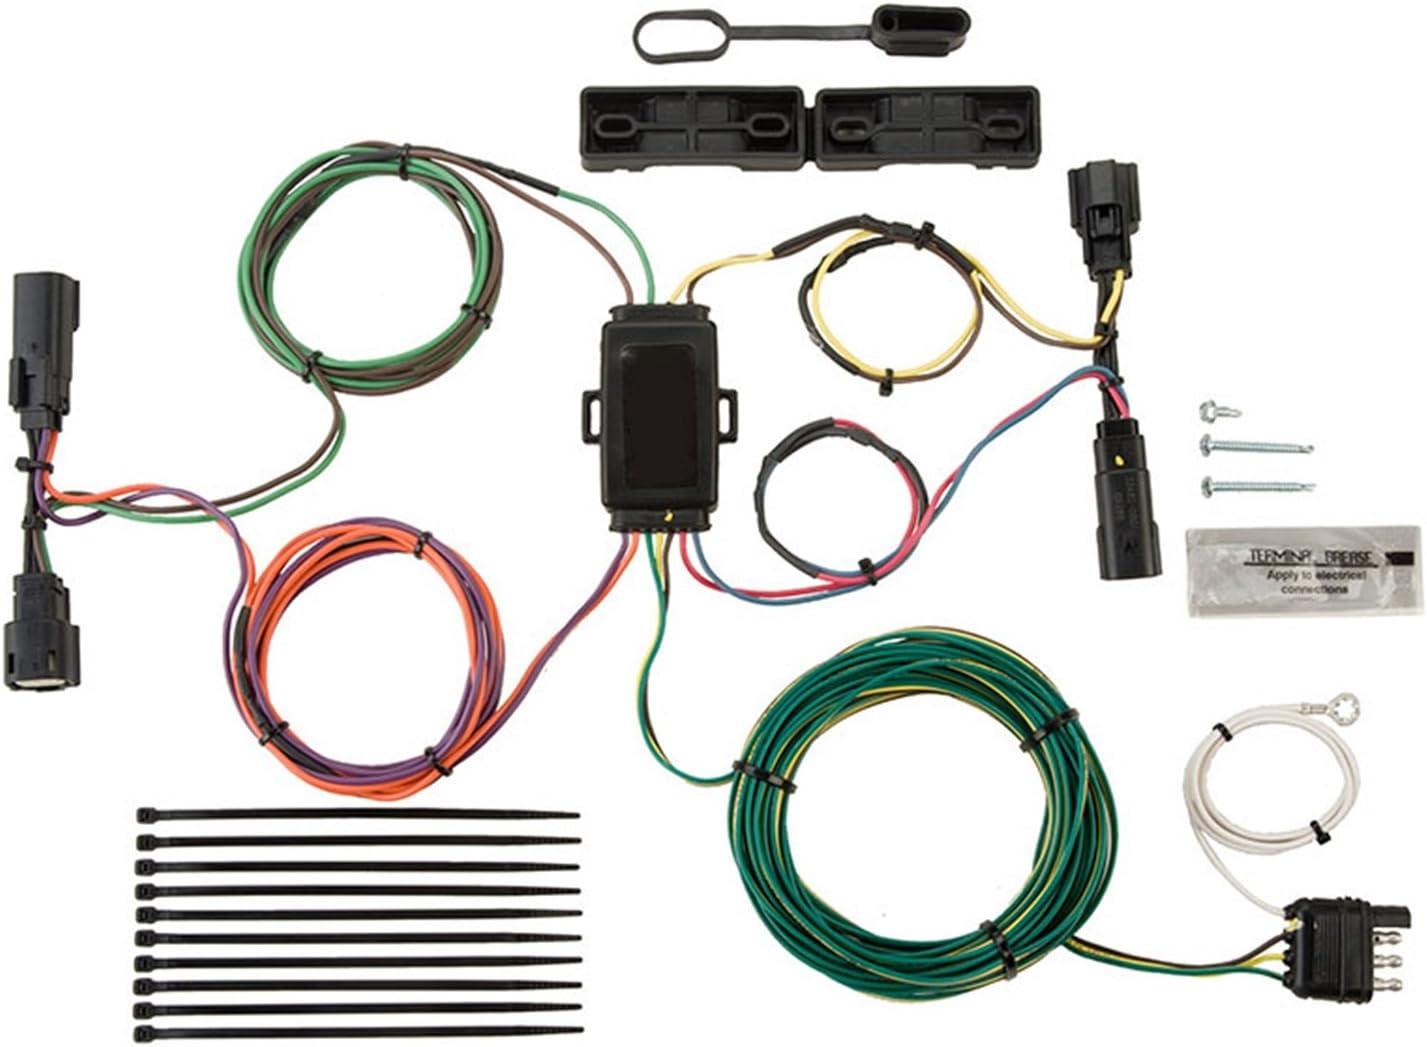 Amazon.com: Blue Ox BX88280 EZ Light Wiring Harness Kit for Ford  Escape/Edge: AutomotiveAmazon.com